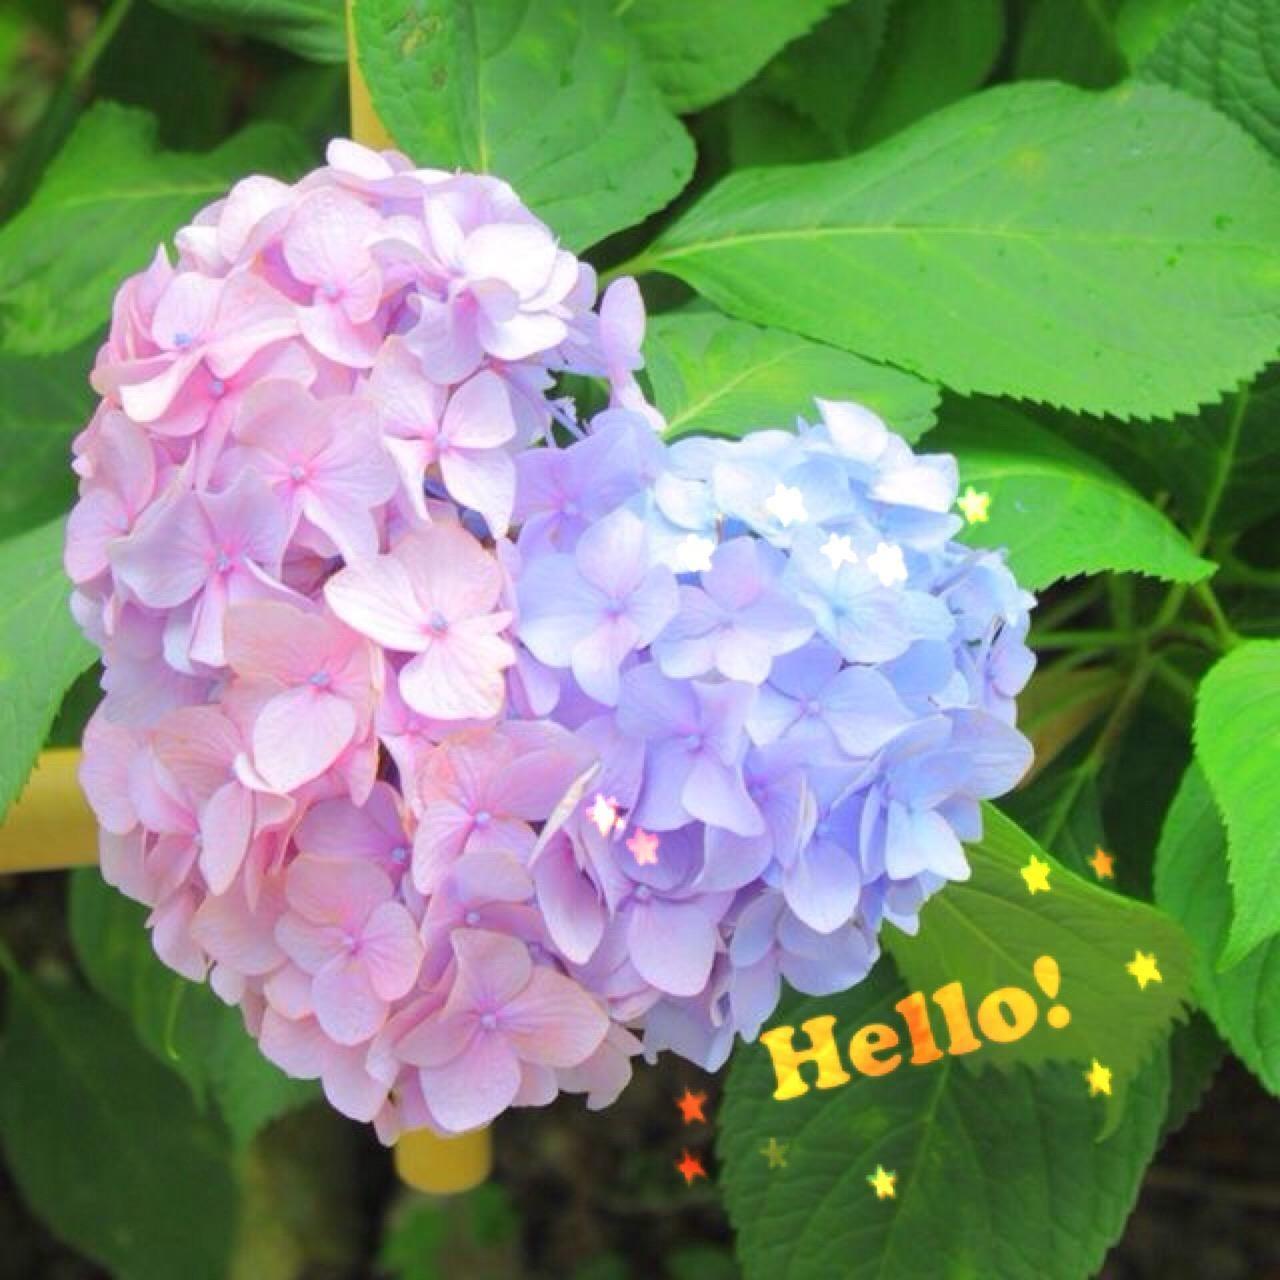 「昨日はー…」06/18(月) 20:44 | 小渕夫人の写メ・風俗動画